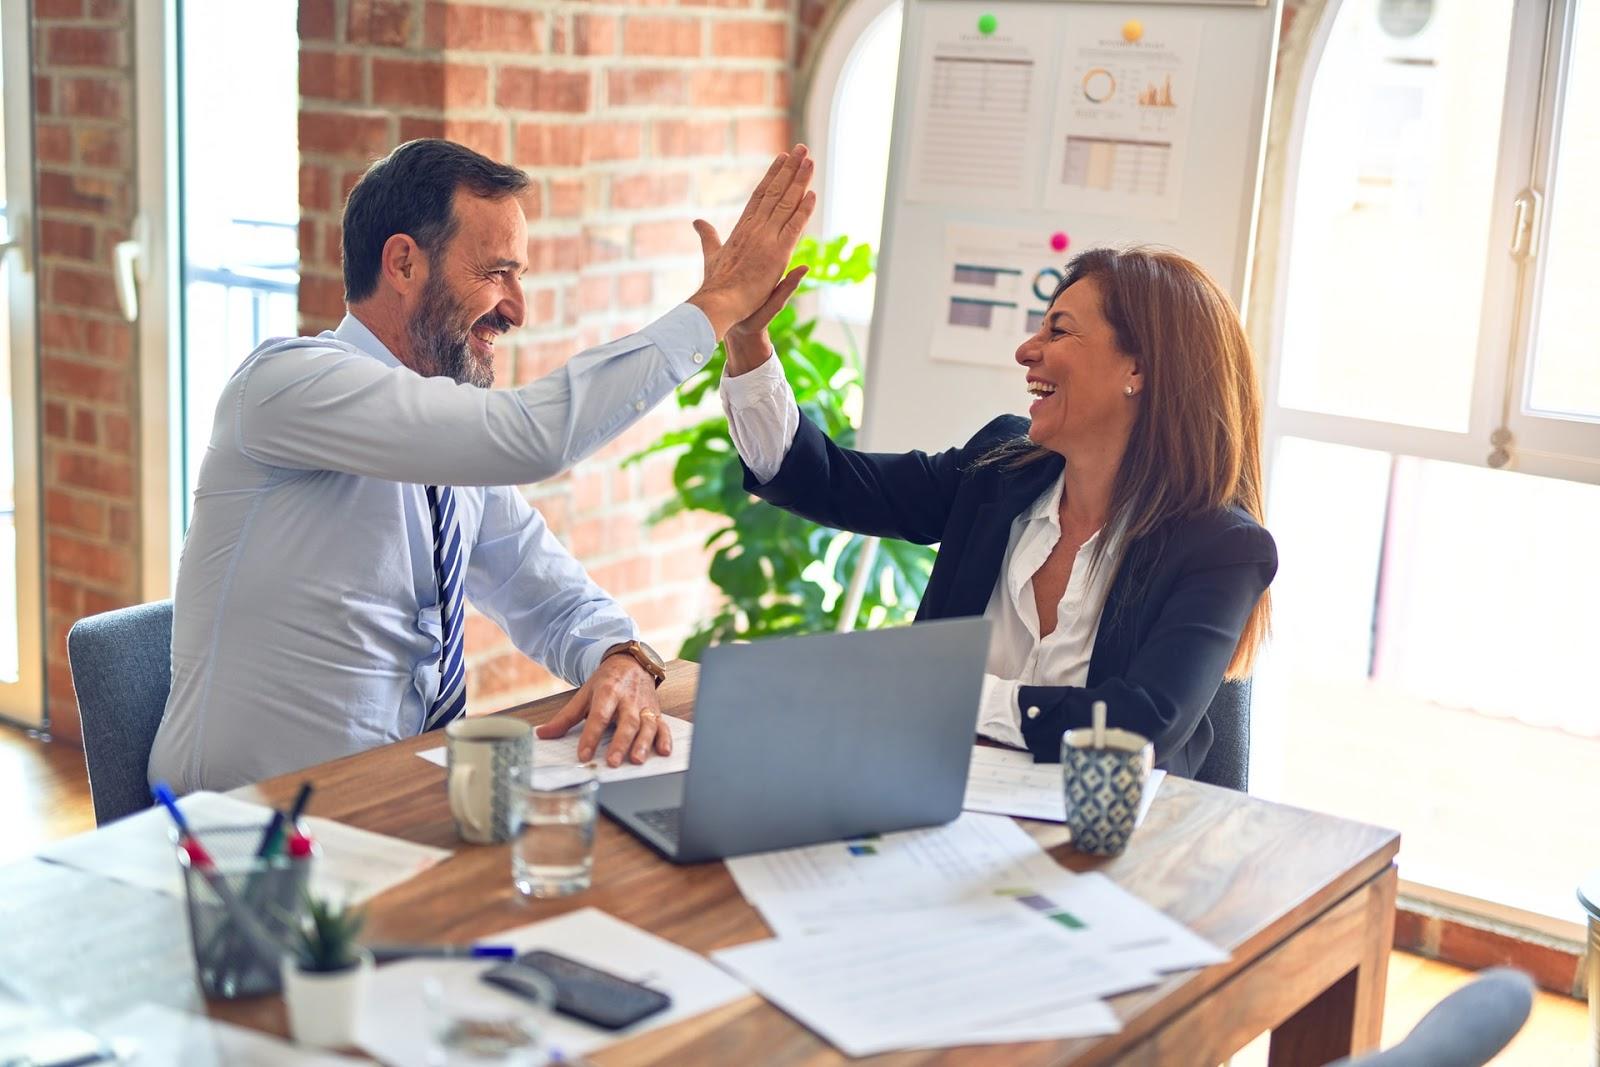 Zarządzanie zespołem. Jak zarządzać pracownikami w erze pracy zdalnej?